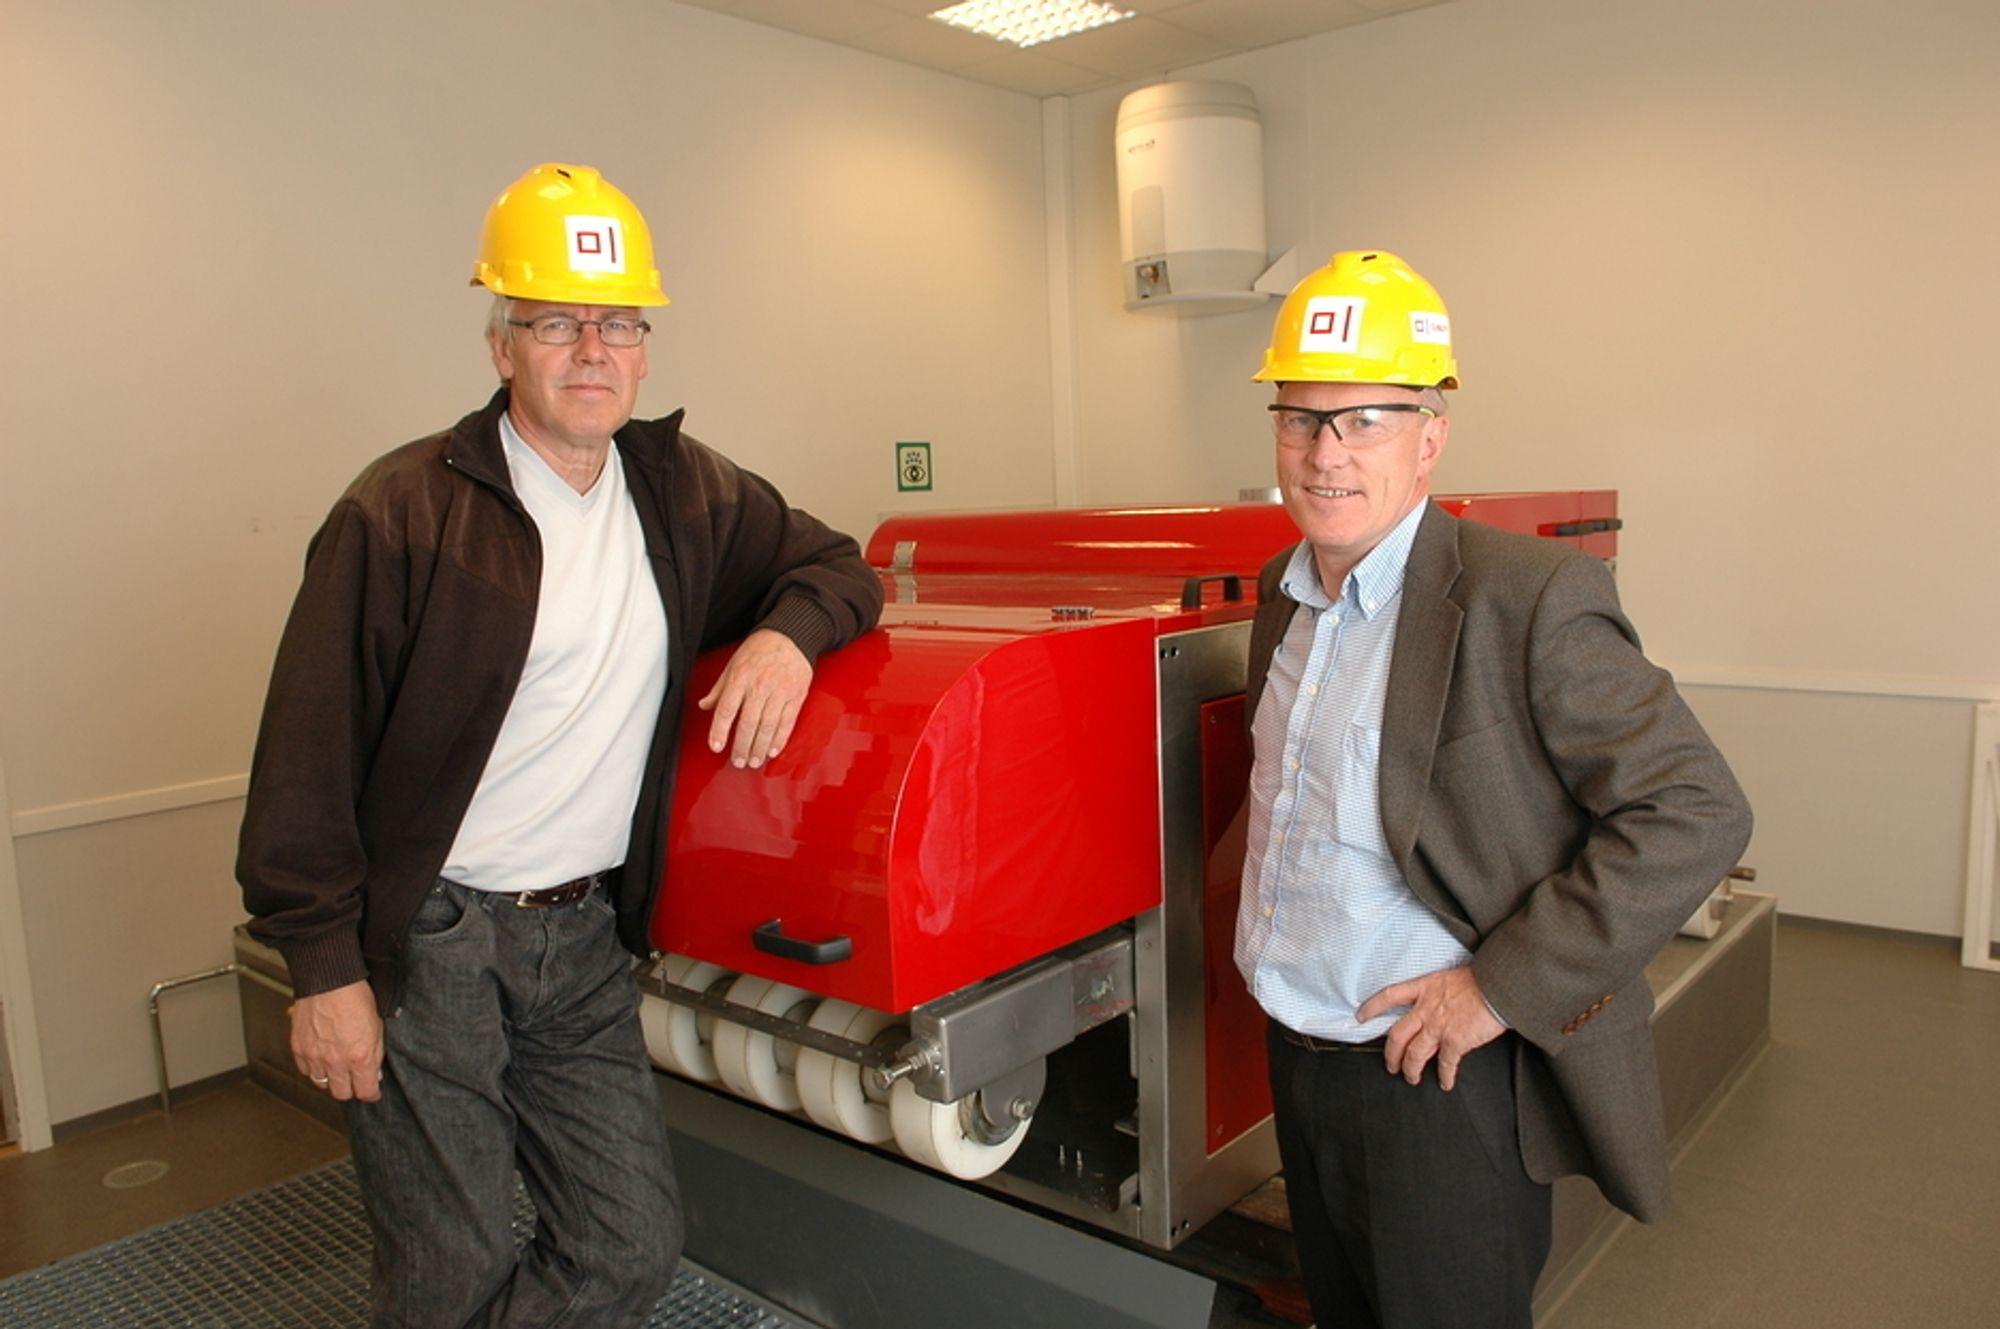 TROR PÅ SUKSESS: Trond Melhus (t.v.) og Rolf Thorkildsen er sikre på at Mudcube vil bli etterspurt. Ikke minst fordi borearbeiderne kan komme til å forlange Mudcube på grunn av arbeidsmiljøet.